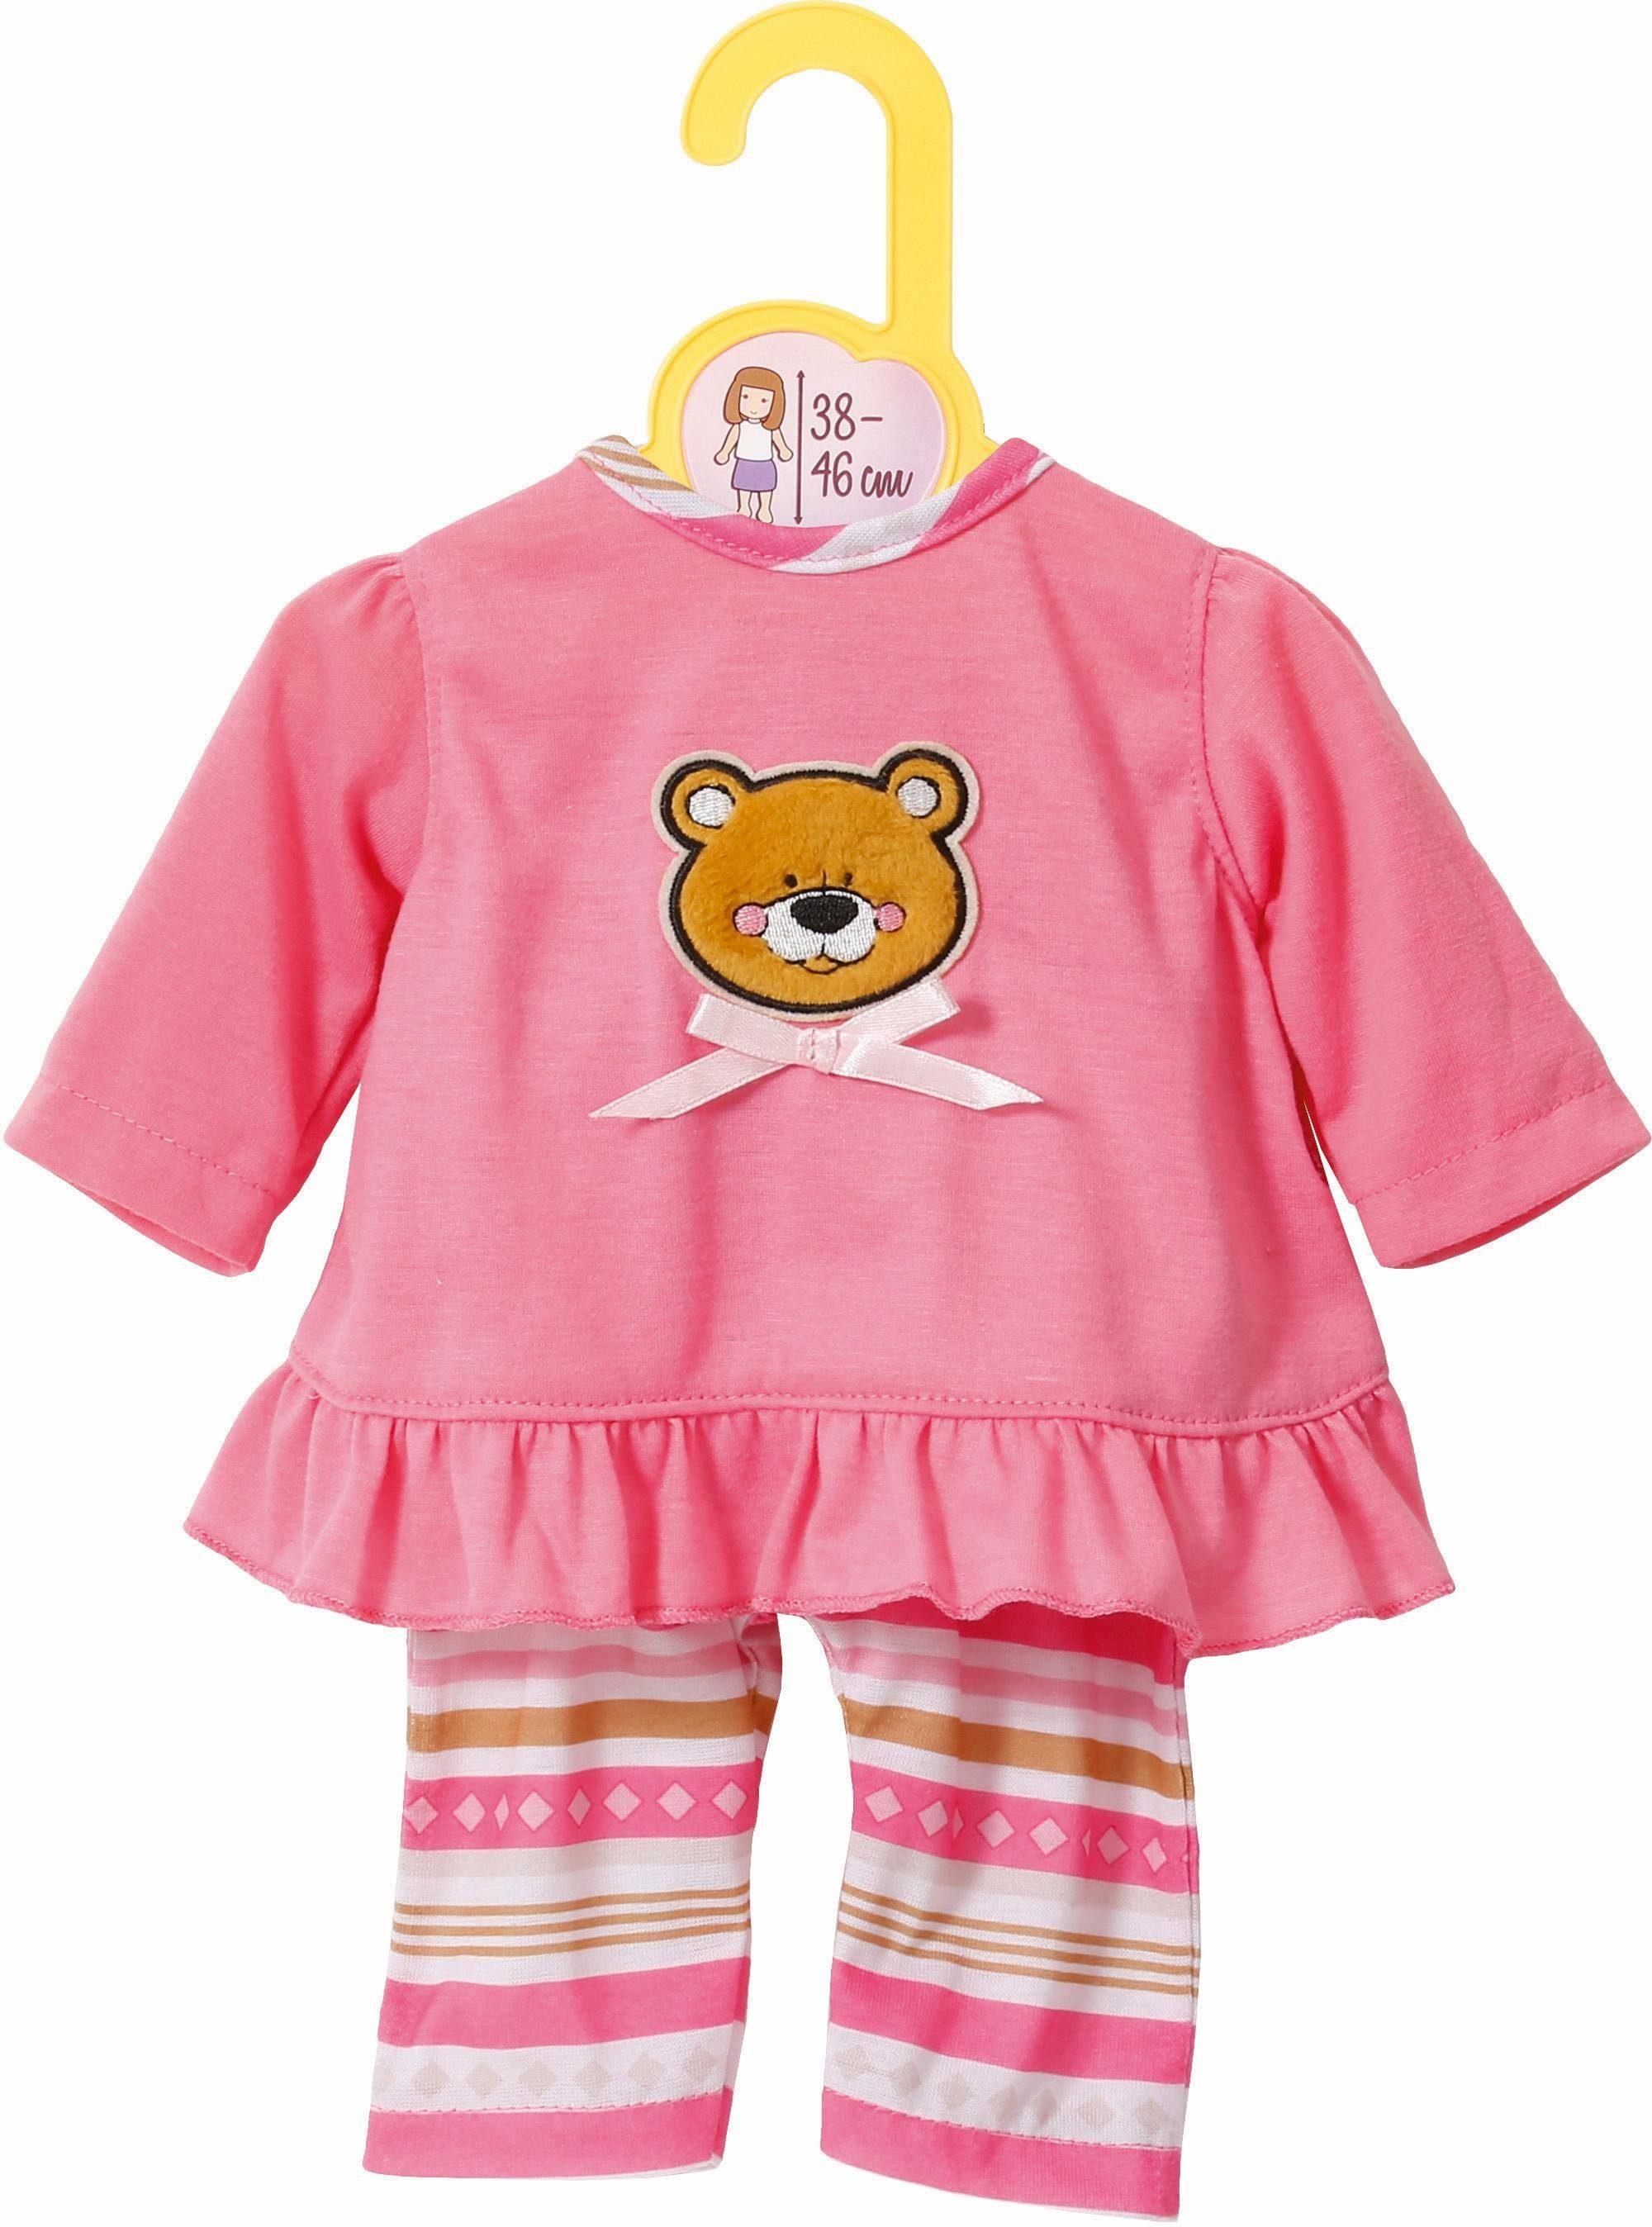 Zapf Creation Puppenbekleidung Größe 38-46 cm, »Dolly Moda Pyjama«